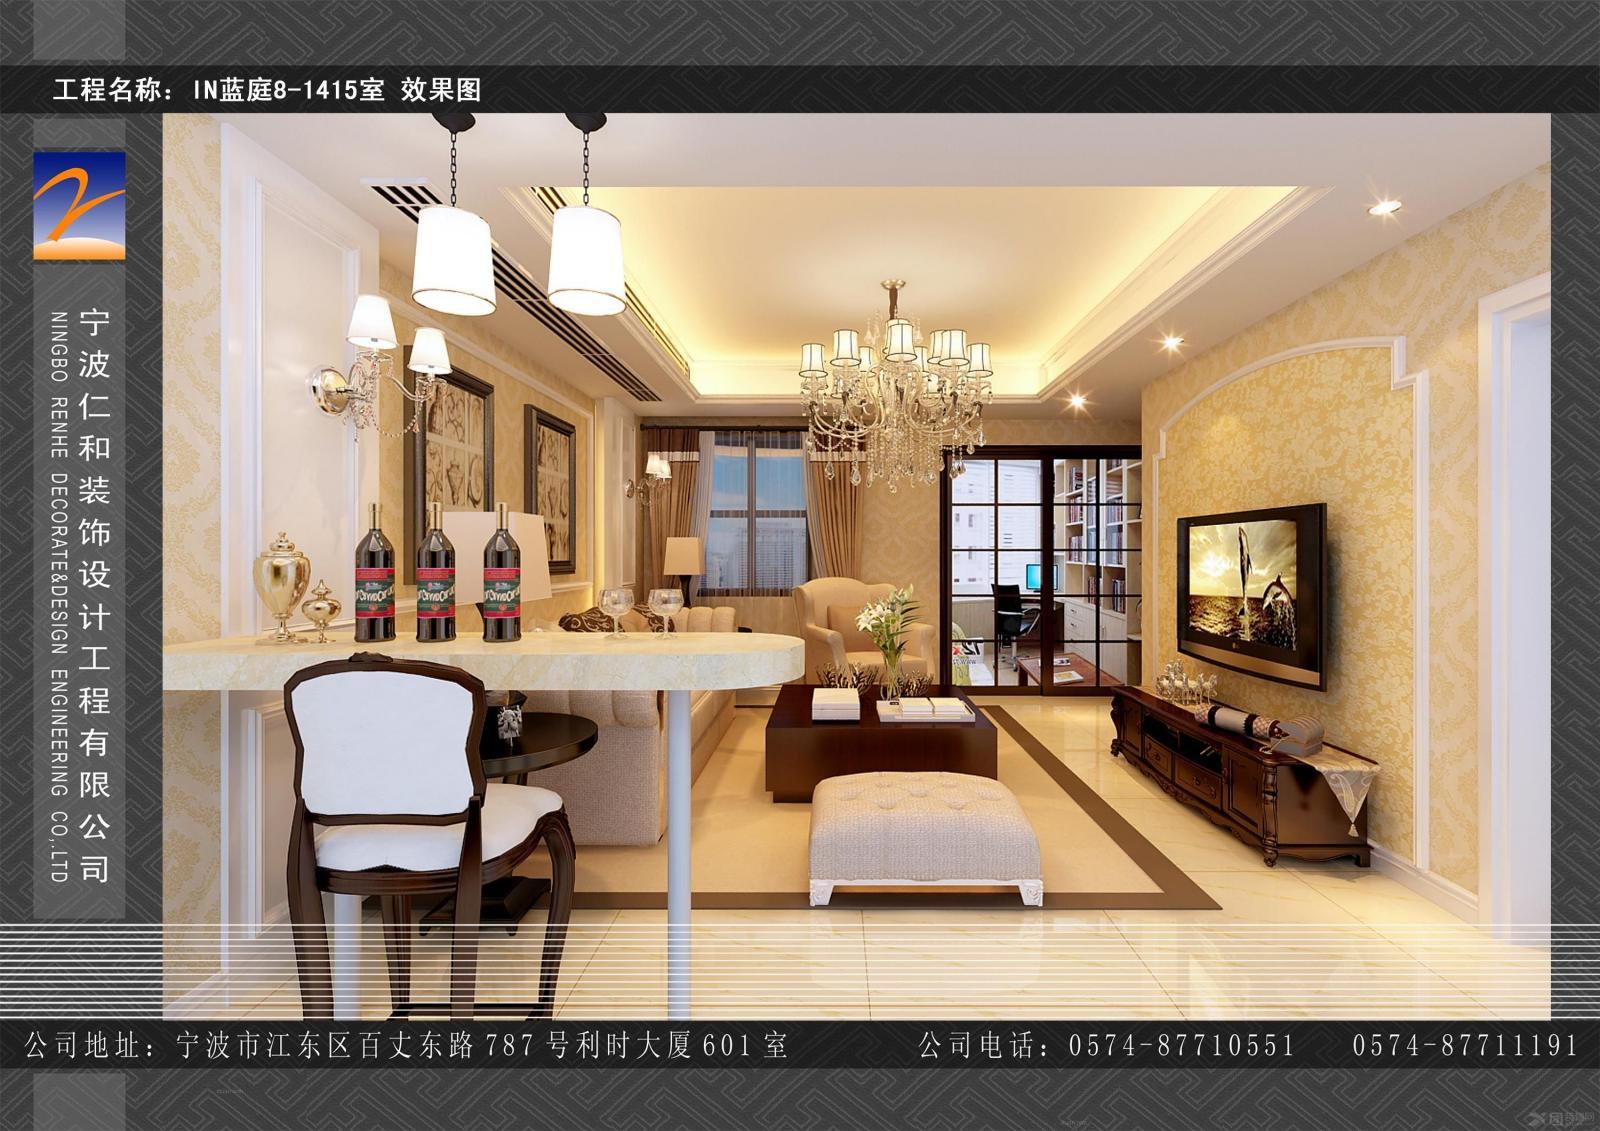 宁波江东 IN蓝庭8-1415室